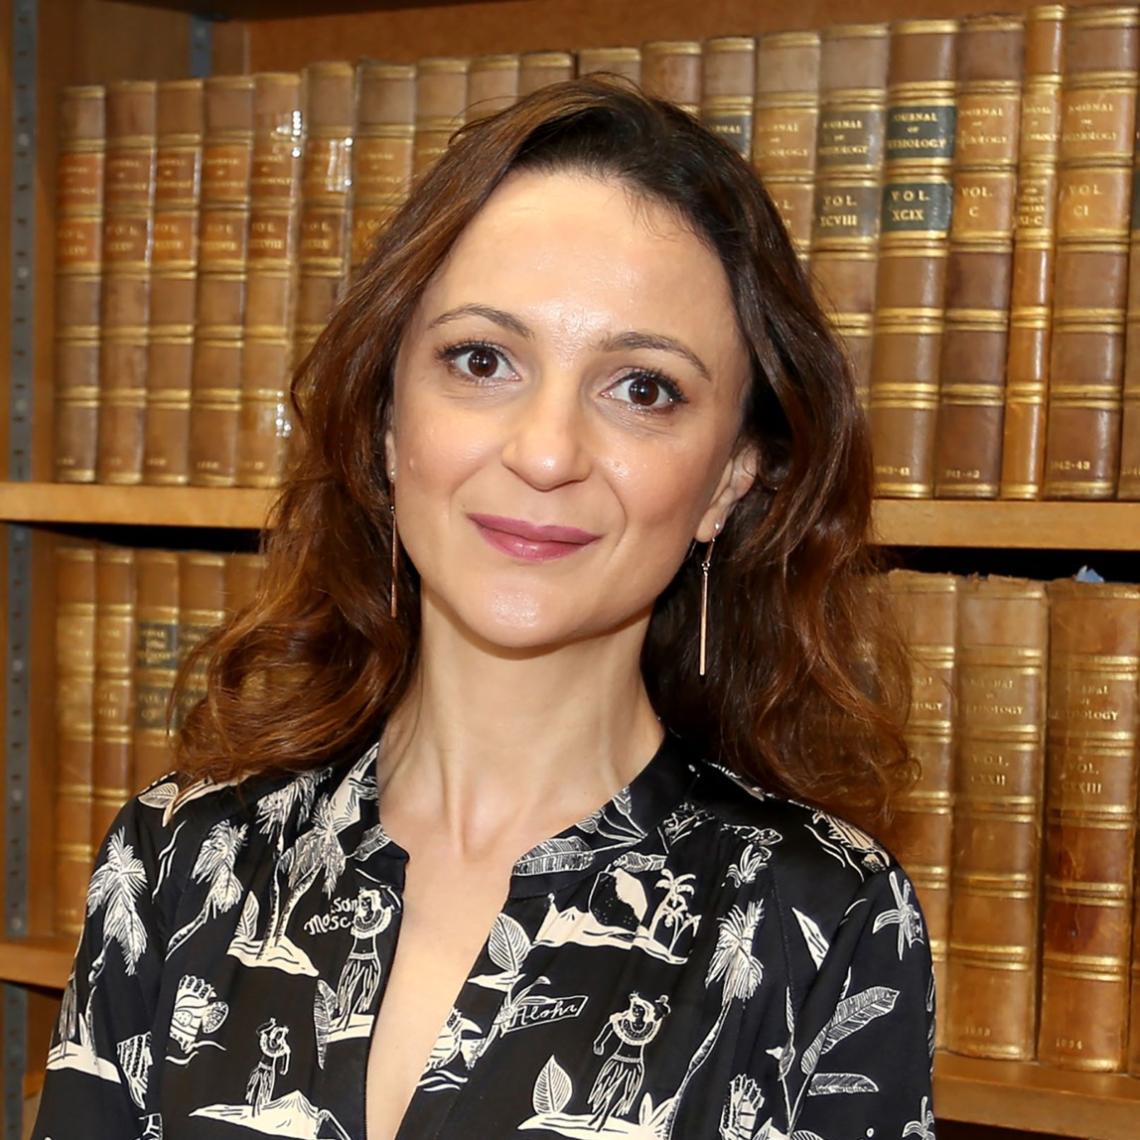 Dr Samira Lakhal-Littleton